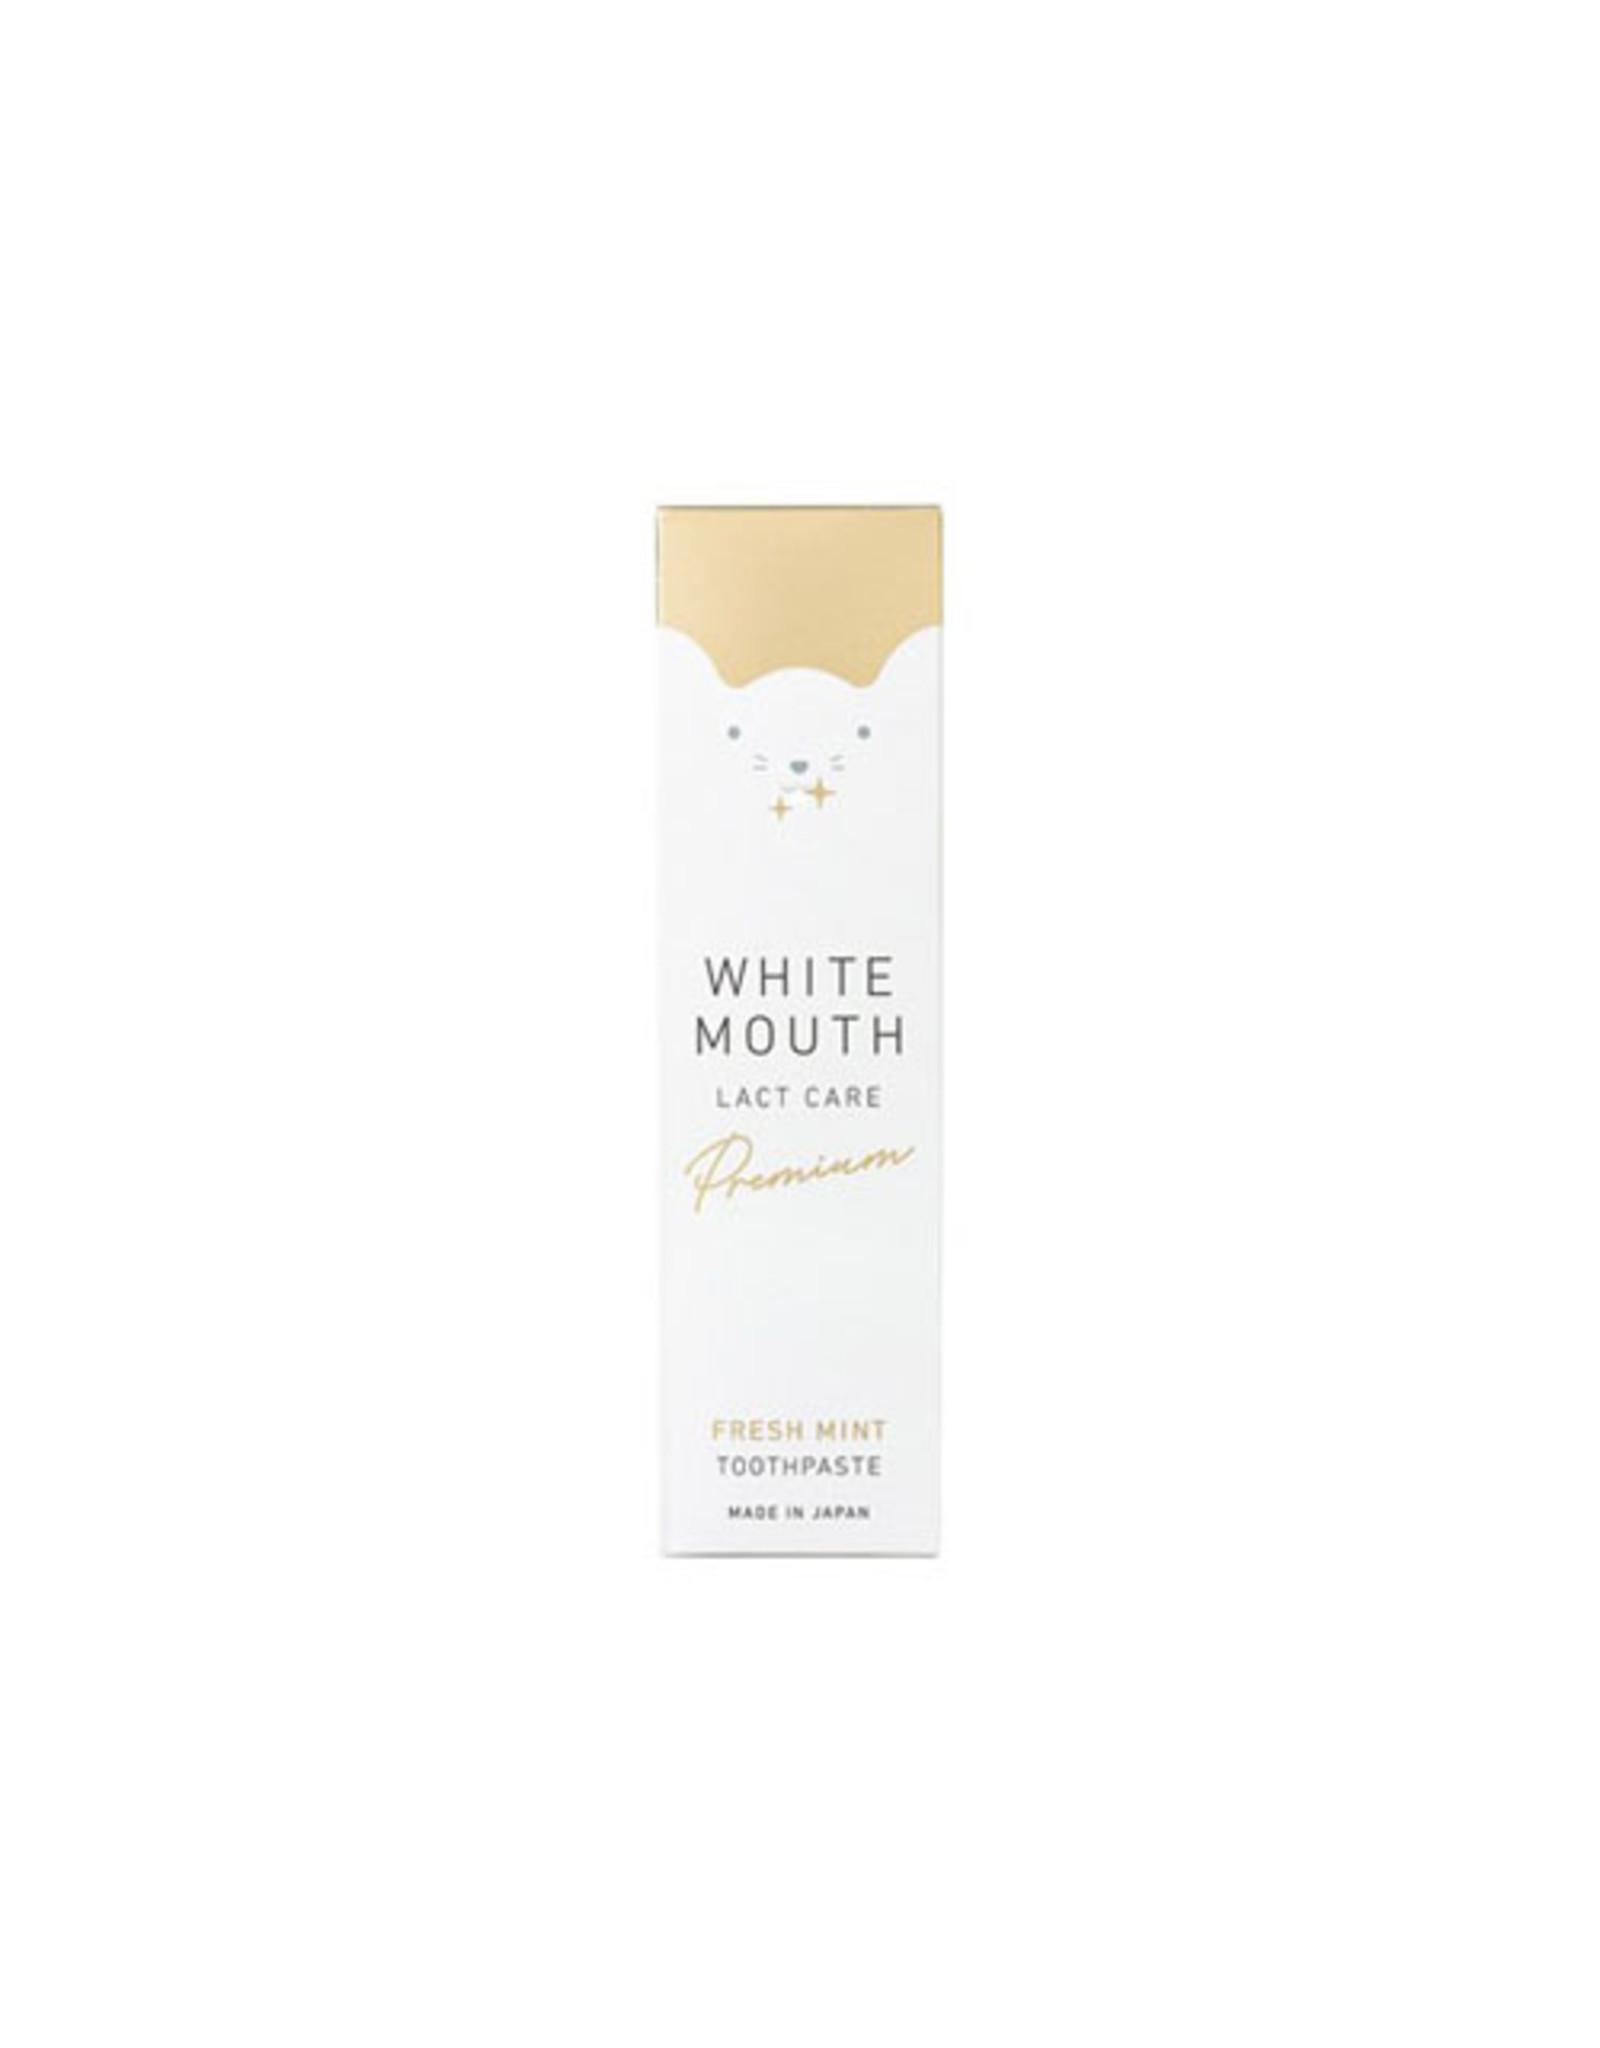 White Mouth Premium Toothpaste